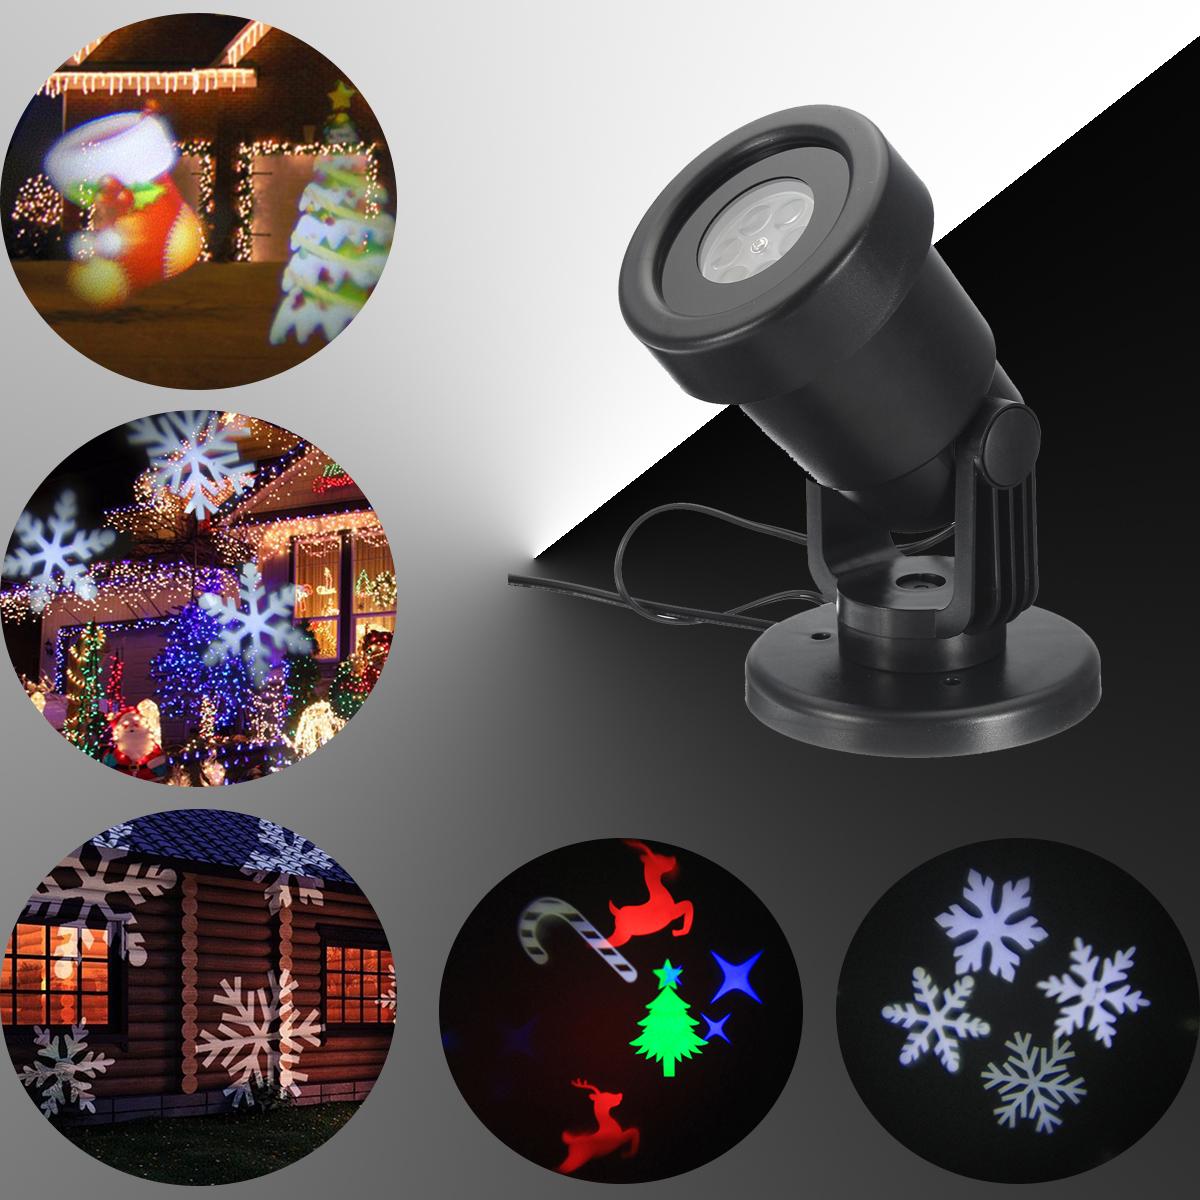 ne fu d placer lumi res led projecteur laser lampe d coration paysage no l achat vente On lampe laser deco noel